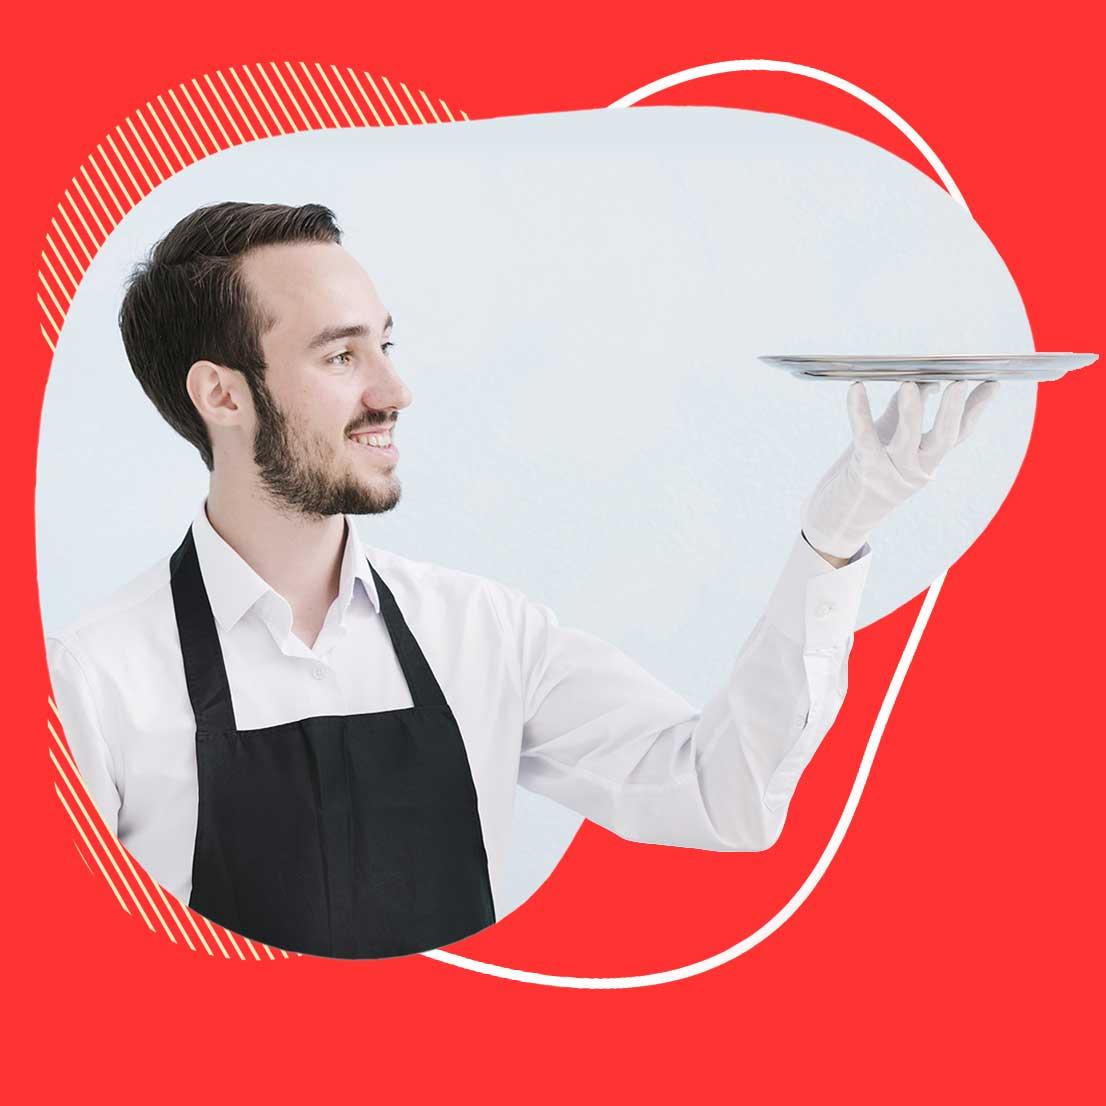 Ресторан Банкет ОГОнь Одесса Улыбчивый и трудолюбивый персонал поможет сделать отдых лучше